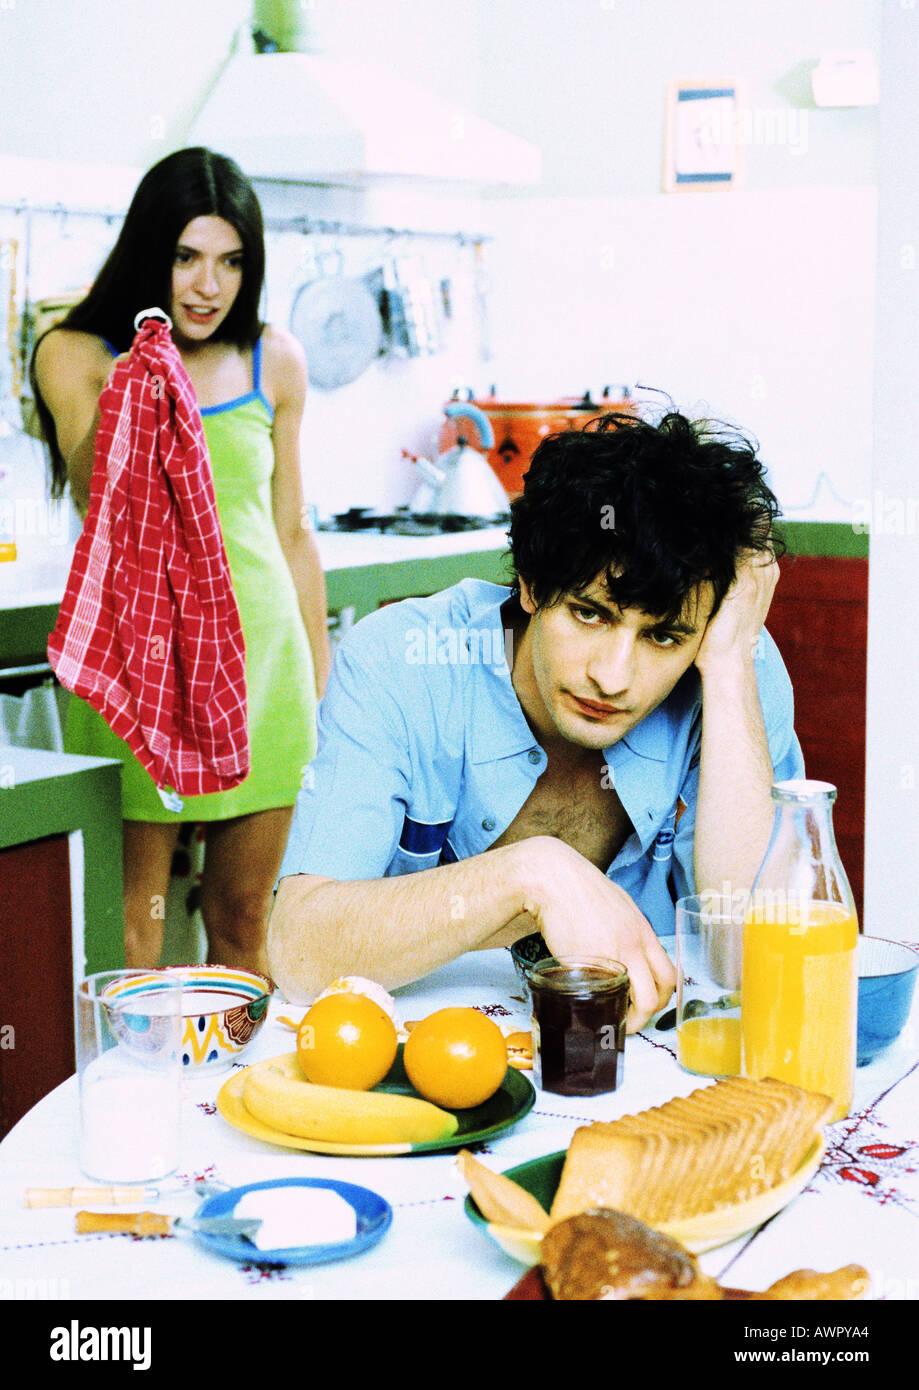 Mann sitzt am Frühstückstisch, Frau hinter dem Mann, mit Küchentuch. Stockfoto